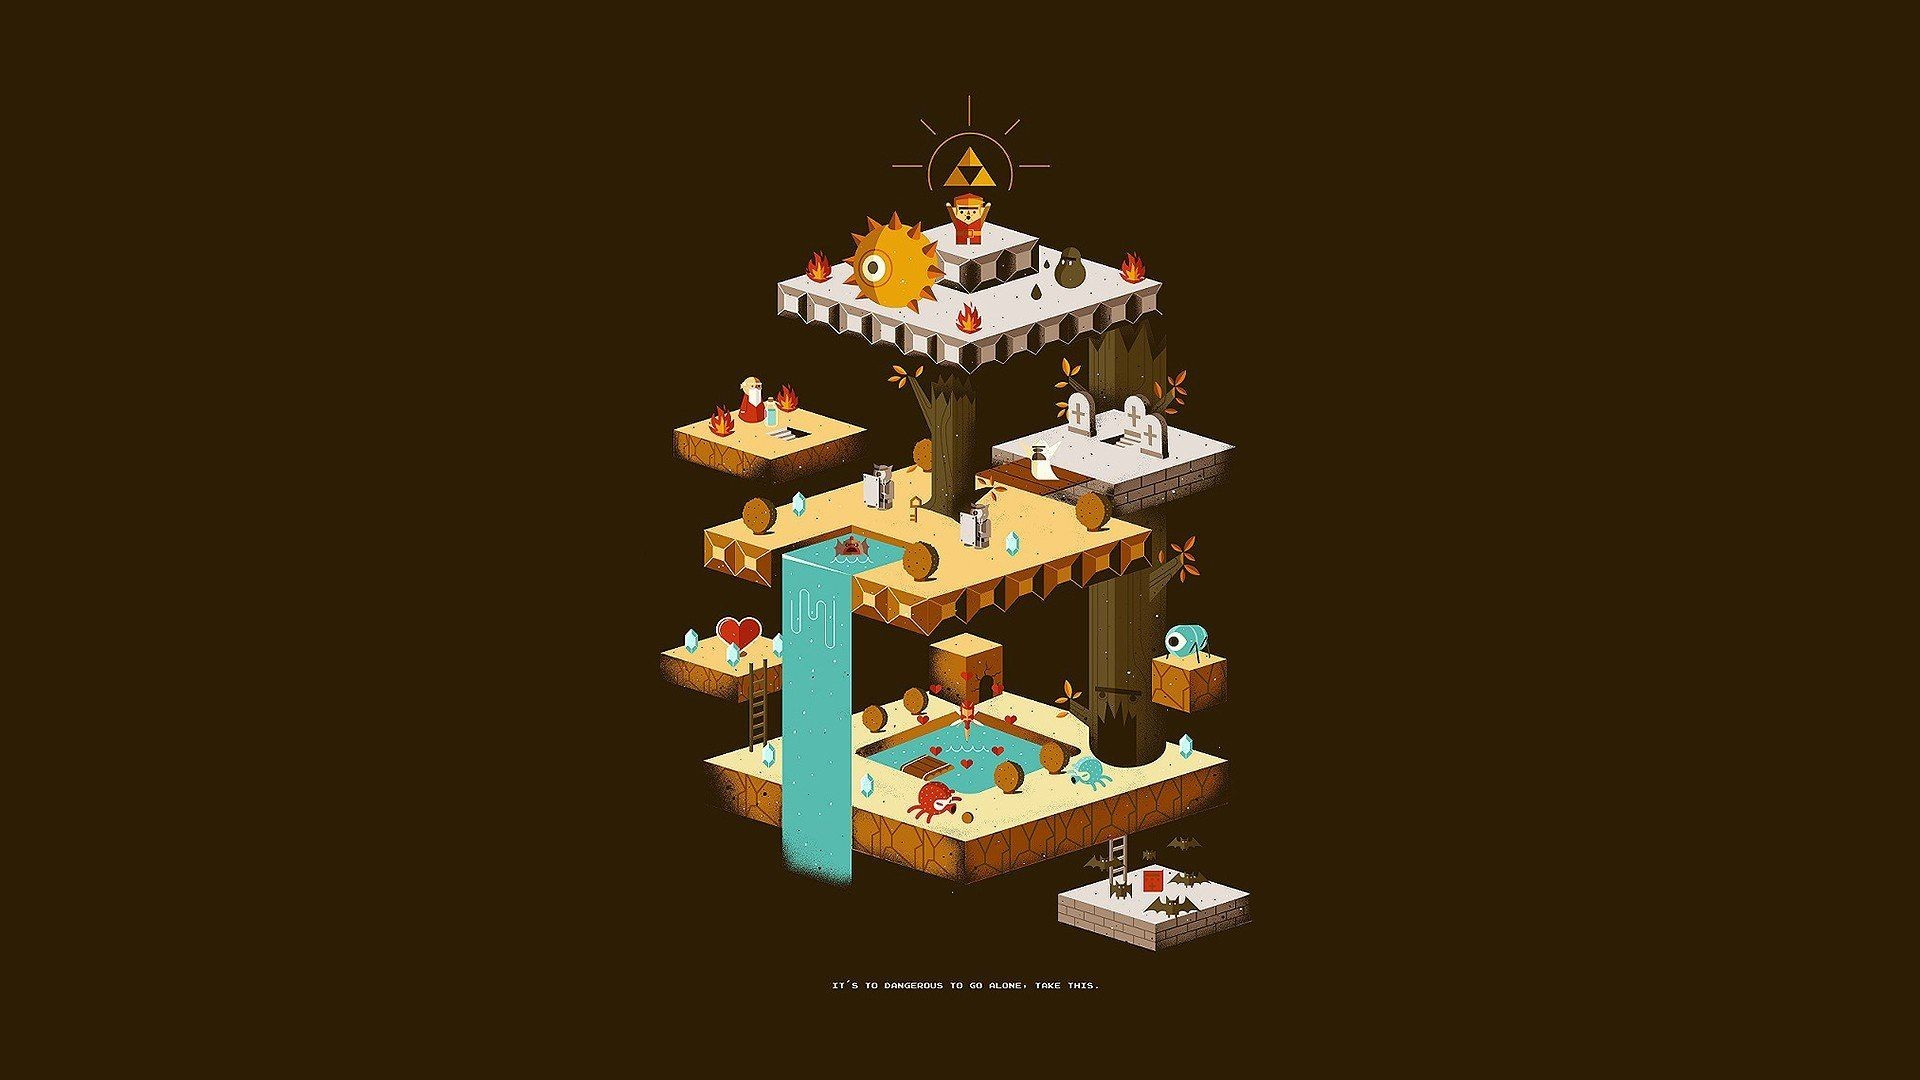 Res: 1920x1080, classics,fan art,Nintendo,retro games,simple background,video games,Zelda, wallpaper